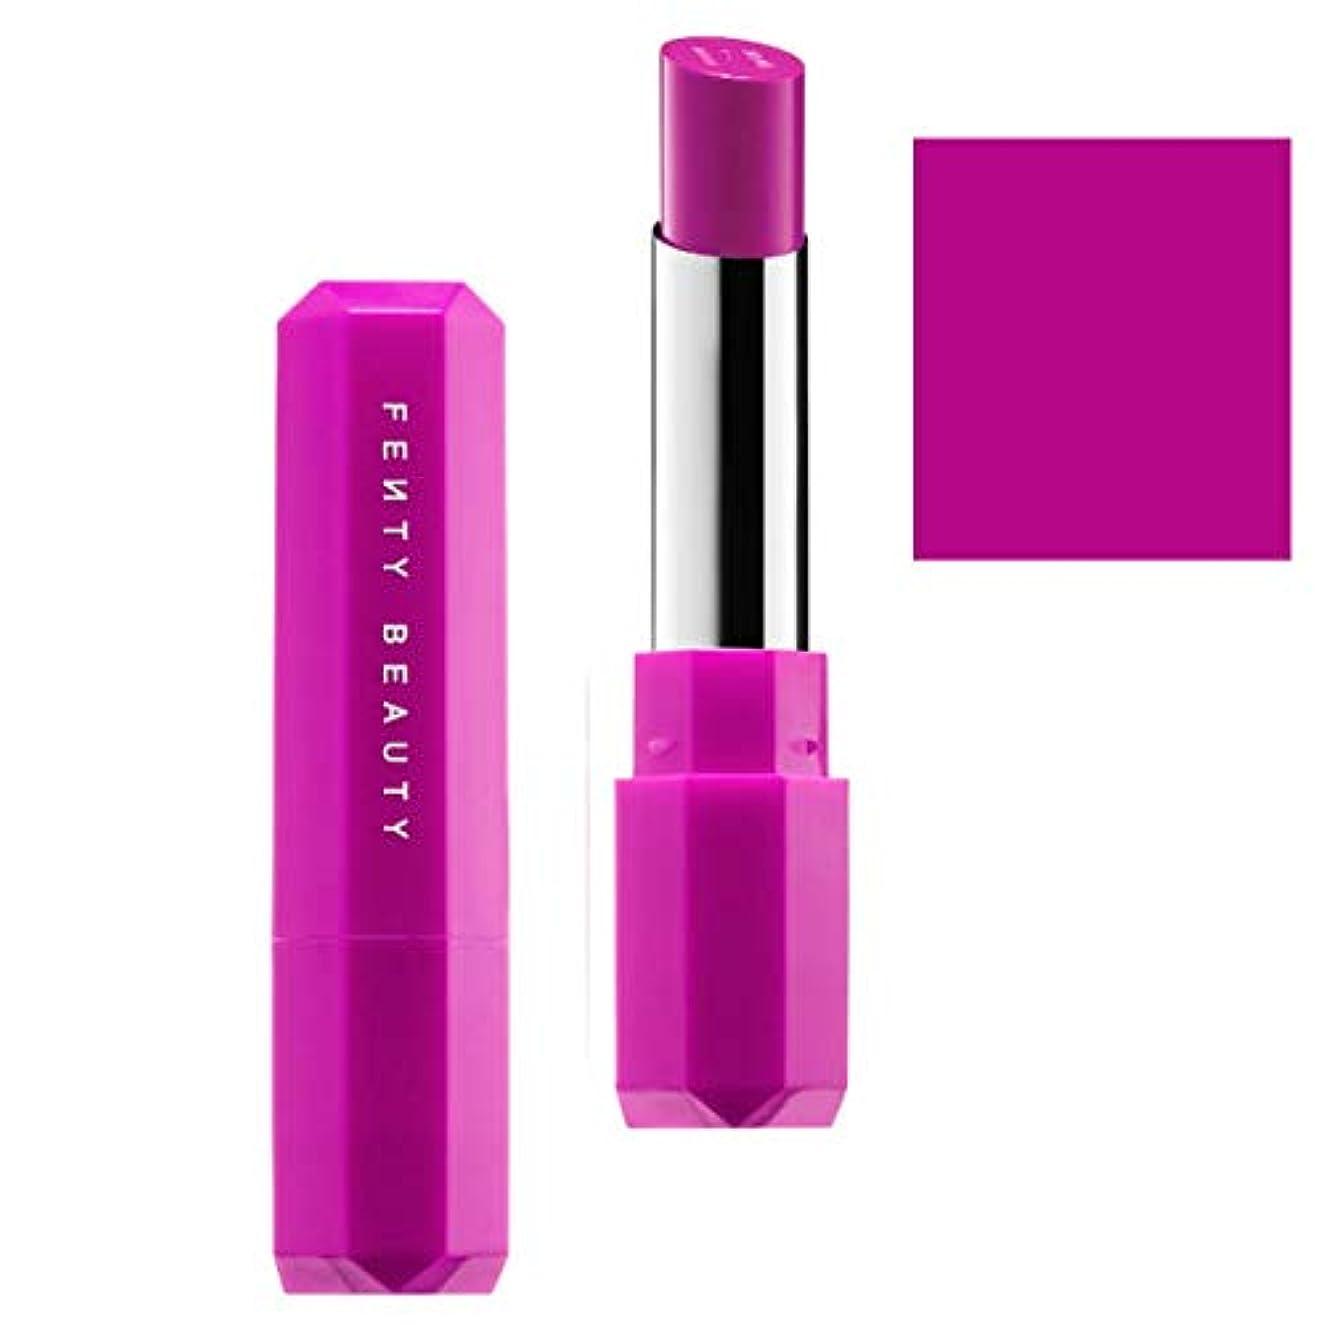 いくつかの適応ゆりFENTY BEAUTY BY RIHANNA,New!!, 限定版 limited-edition, Poutsicle Juicy Satin Lipstick - Purpcicle [海外直送品] [並行輸入品]